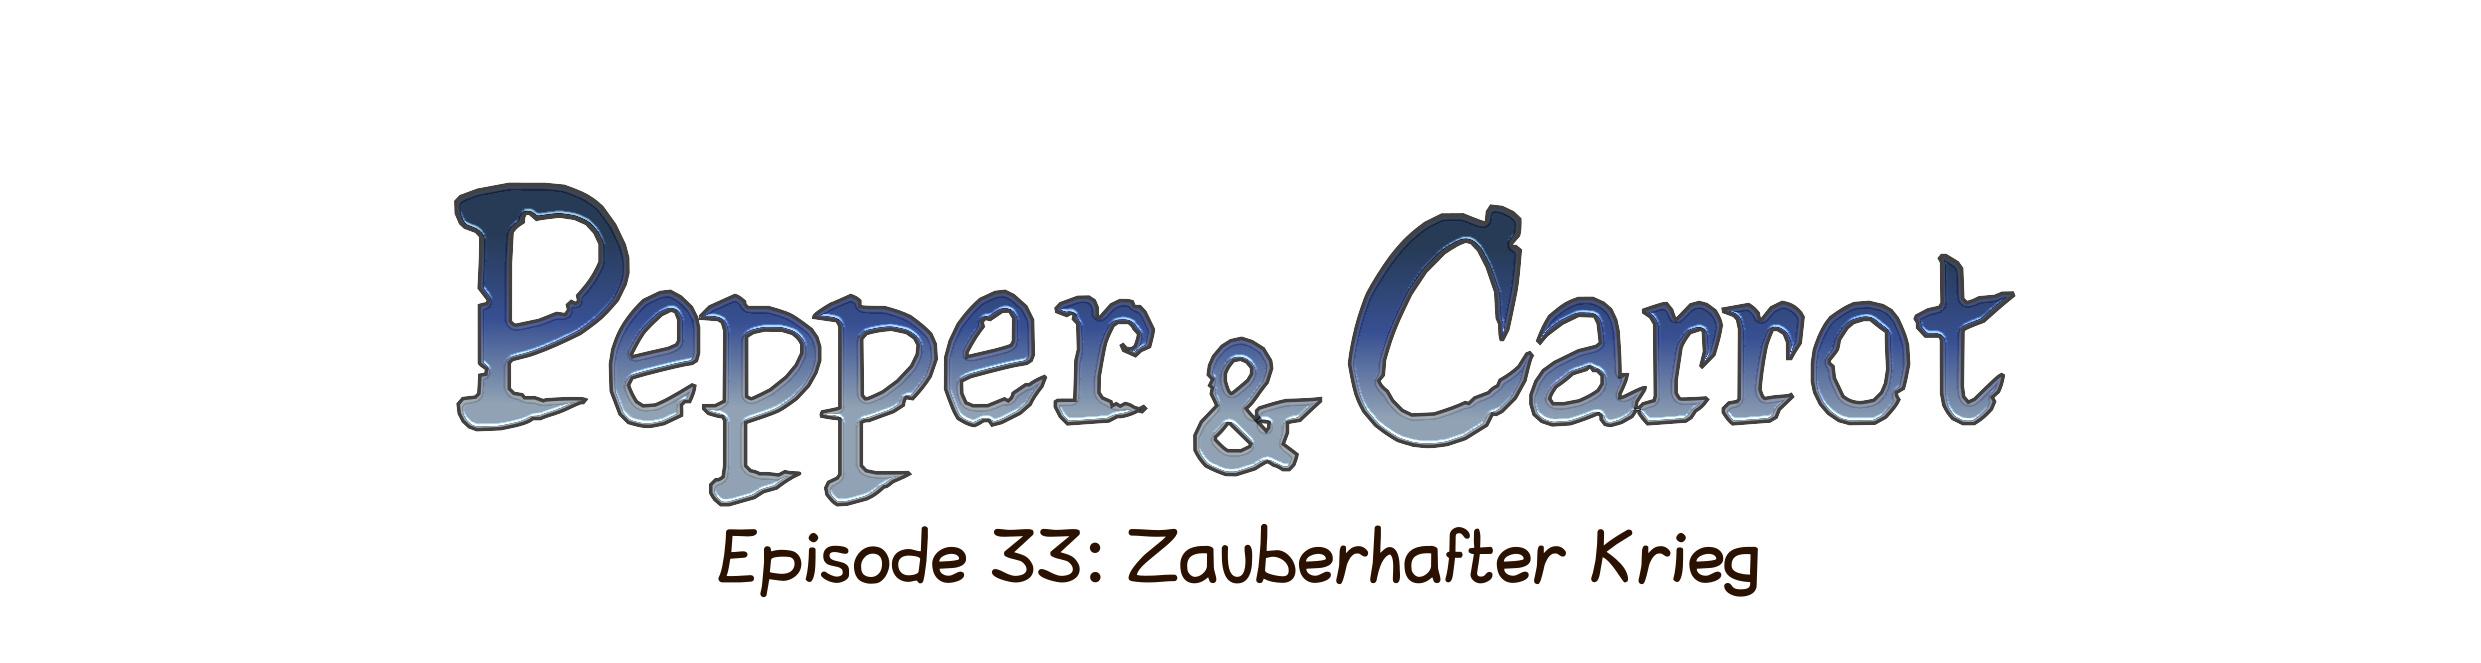 Episode 33: Zauberhafter Krieg